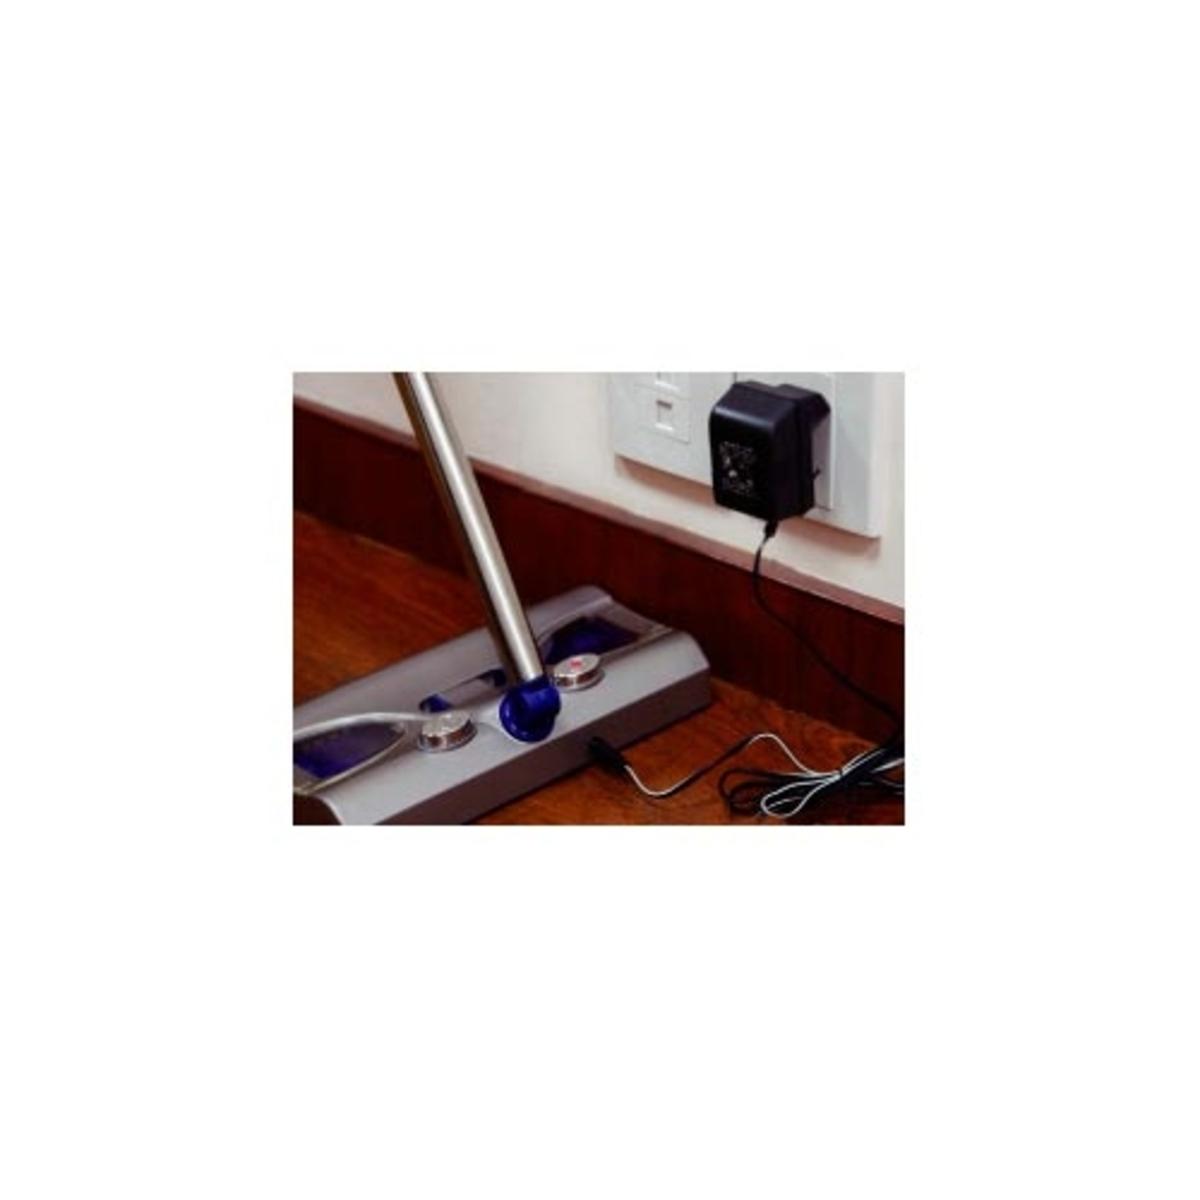 Bild 3 von Elektrischer Bodenkehrer